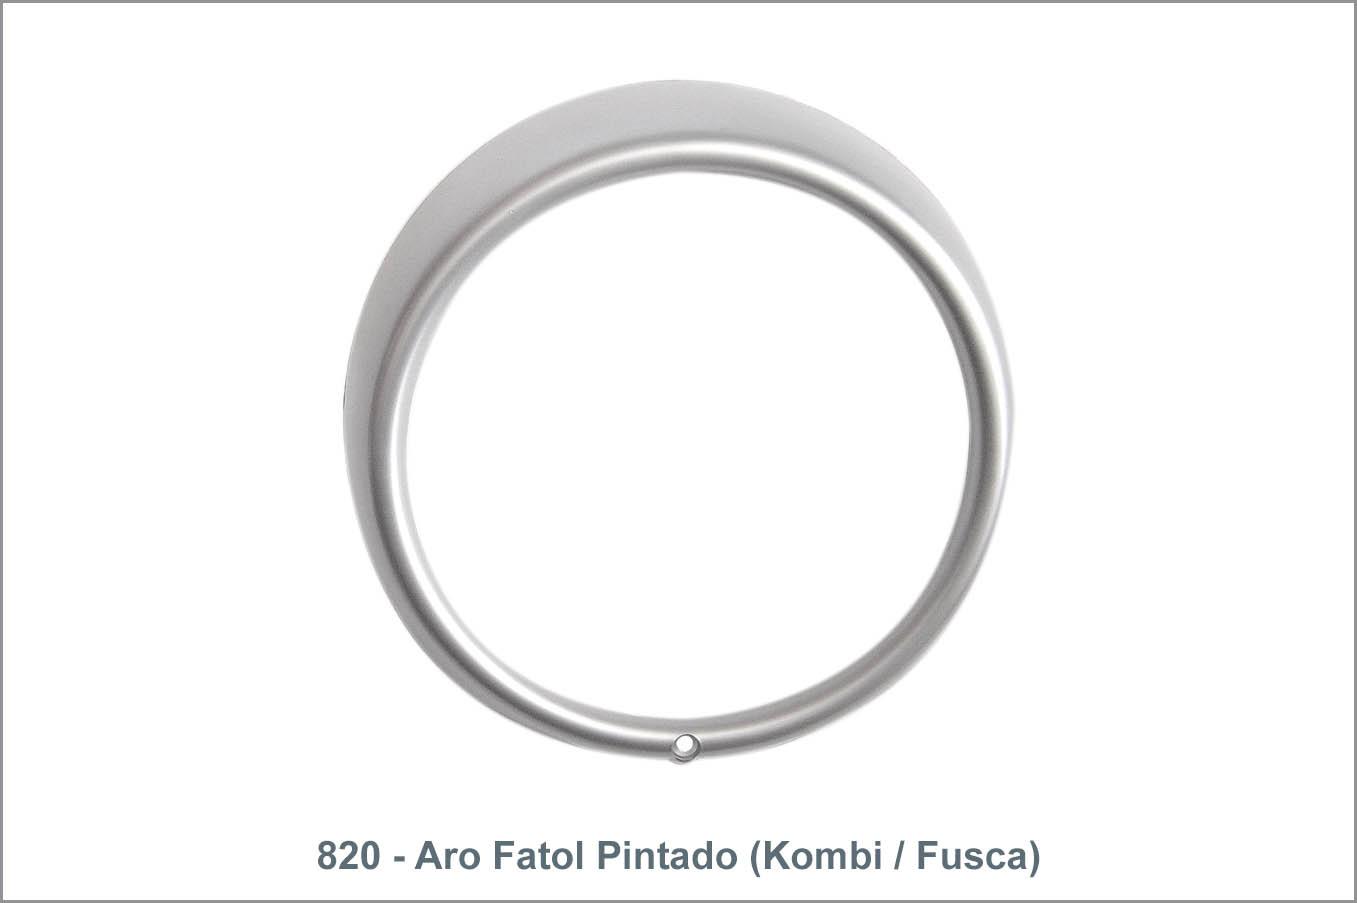 820 - Aro Farol Pintado (Kombi / Fusca)